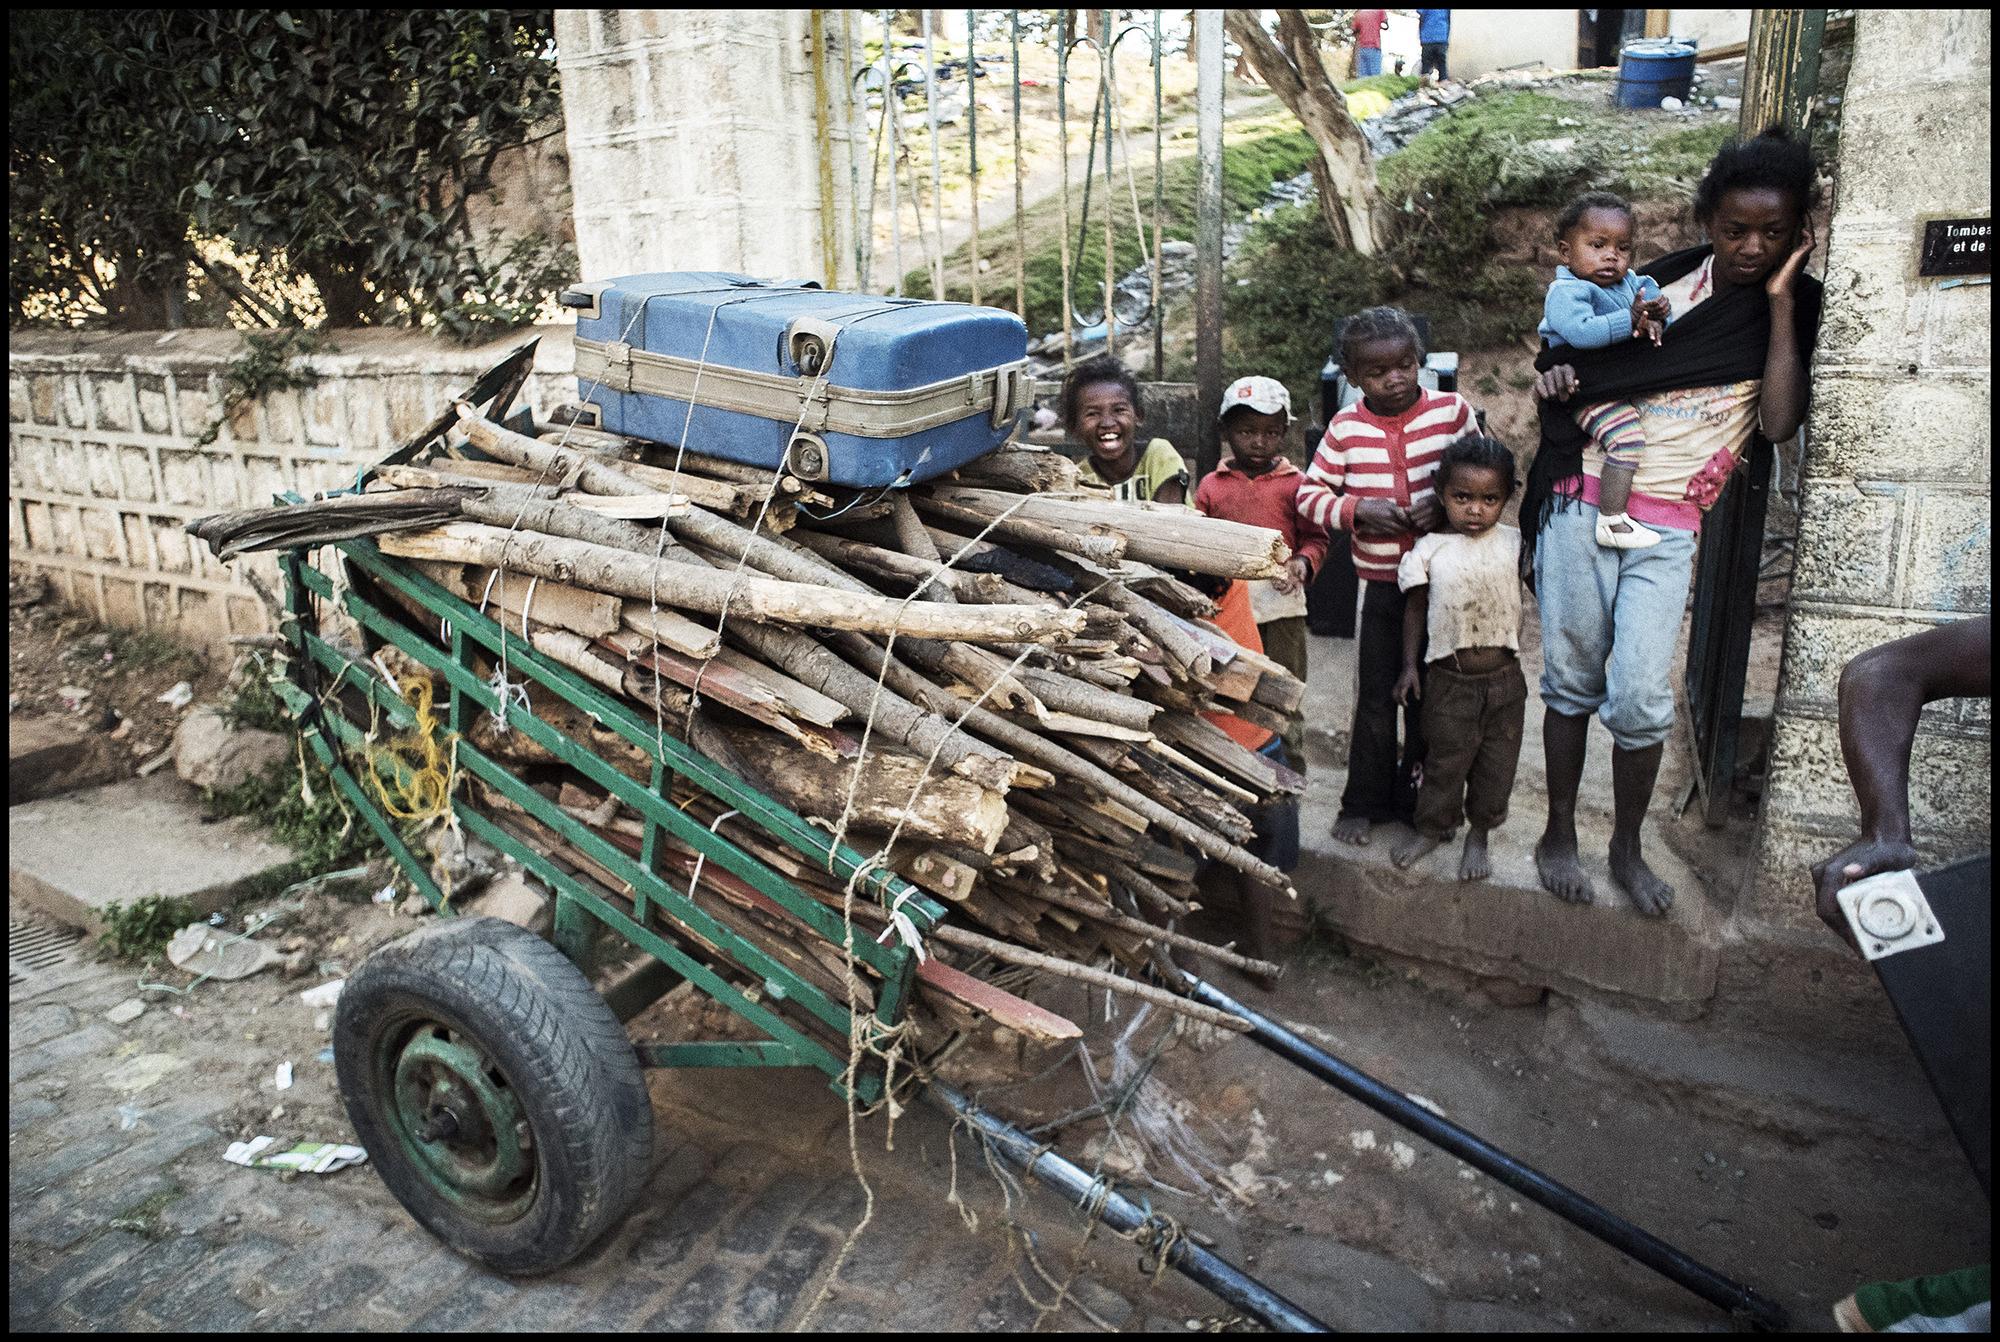 Digital Patrik Wallner Antananarivo Leaving Town LOWQ 2000P